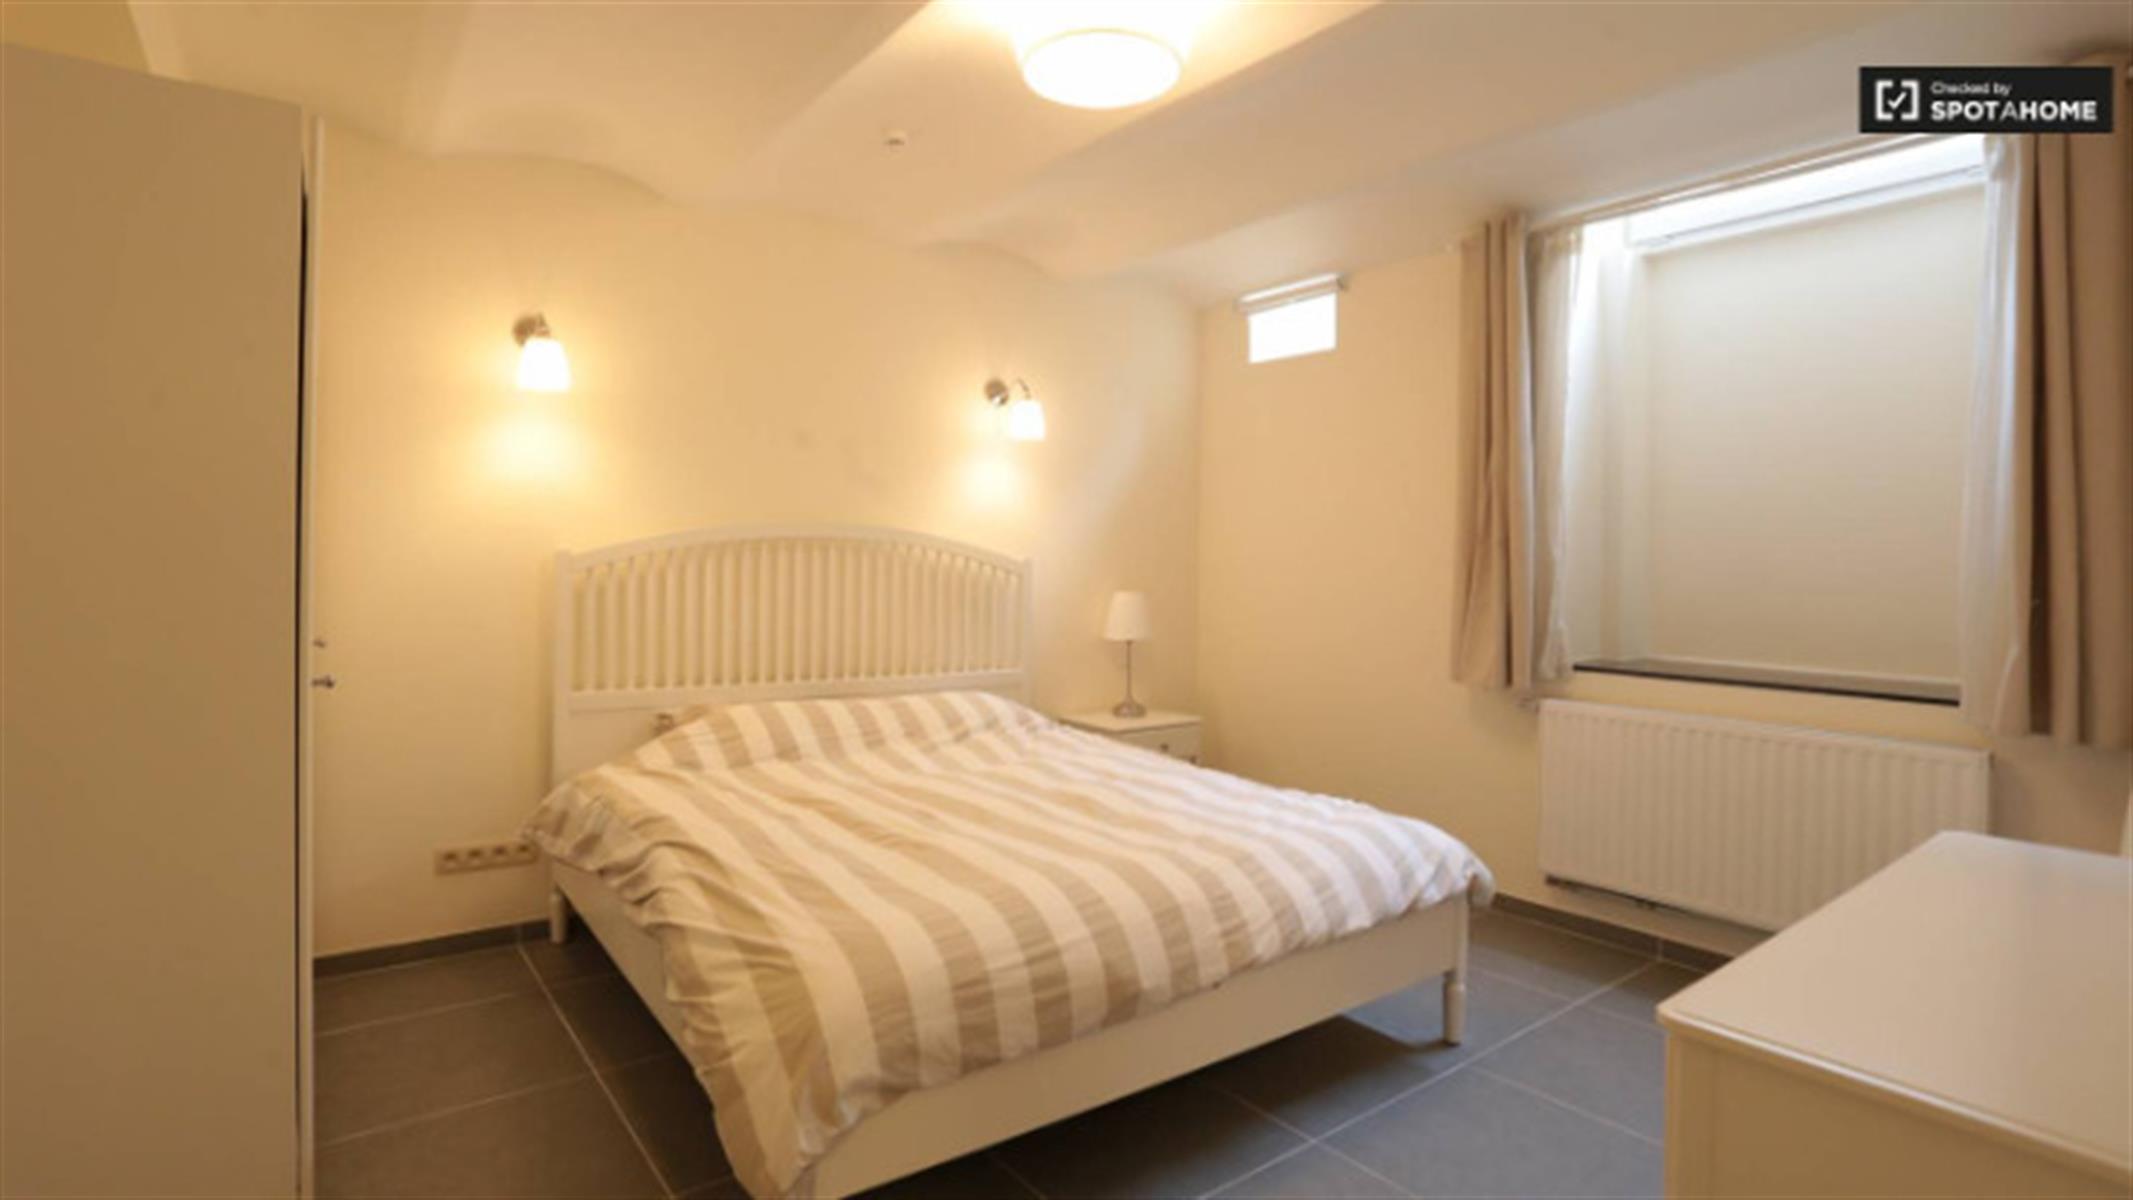 Duplex - Ixelles - #4150164-12